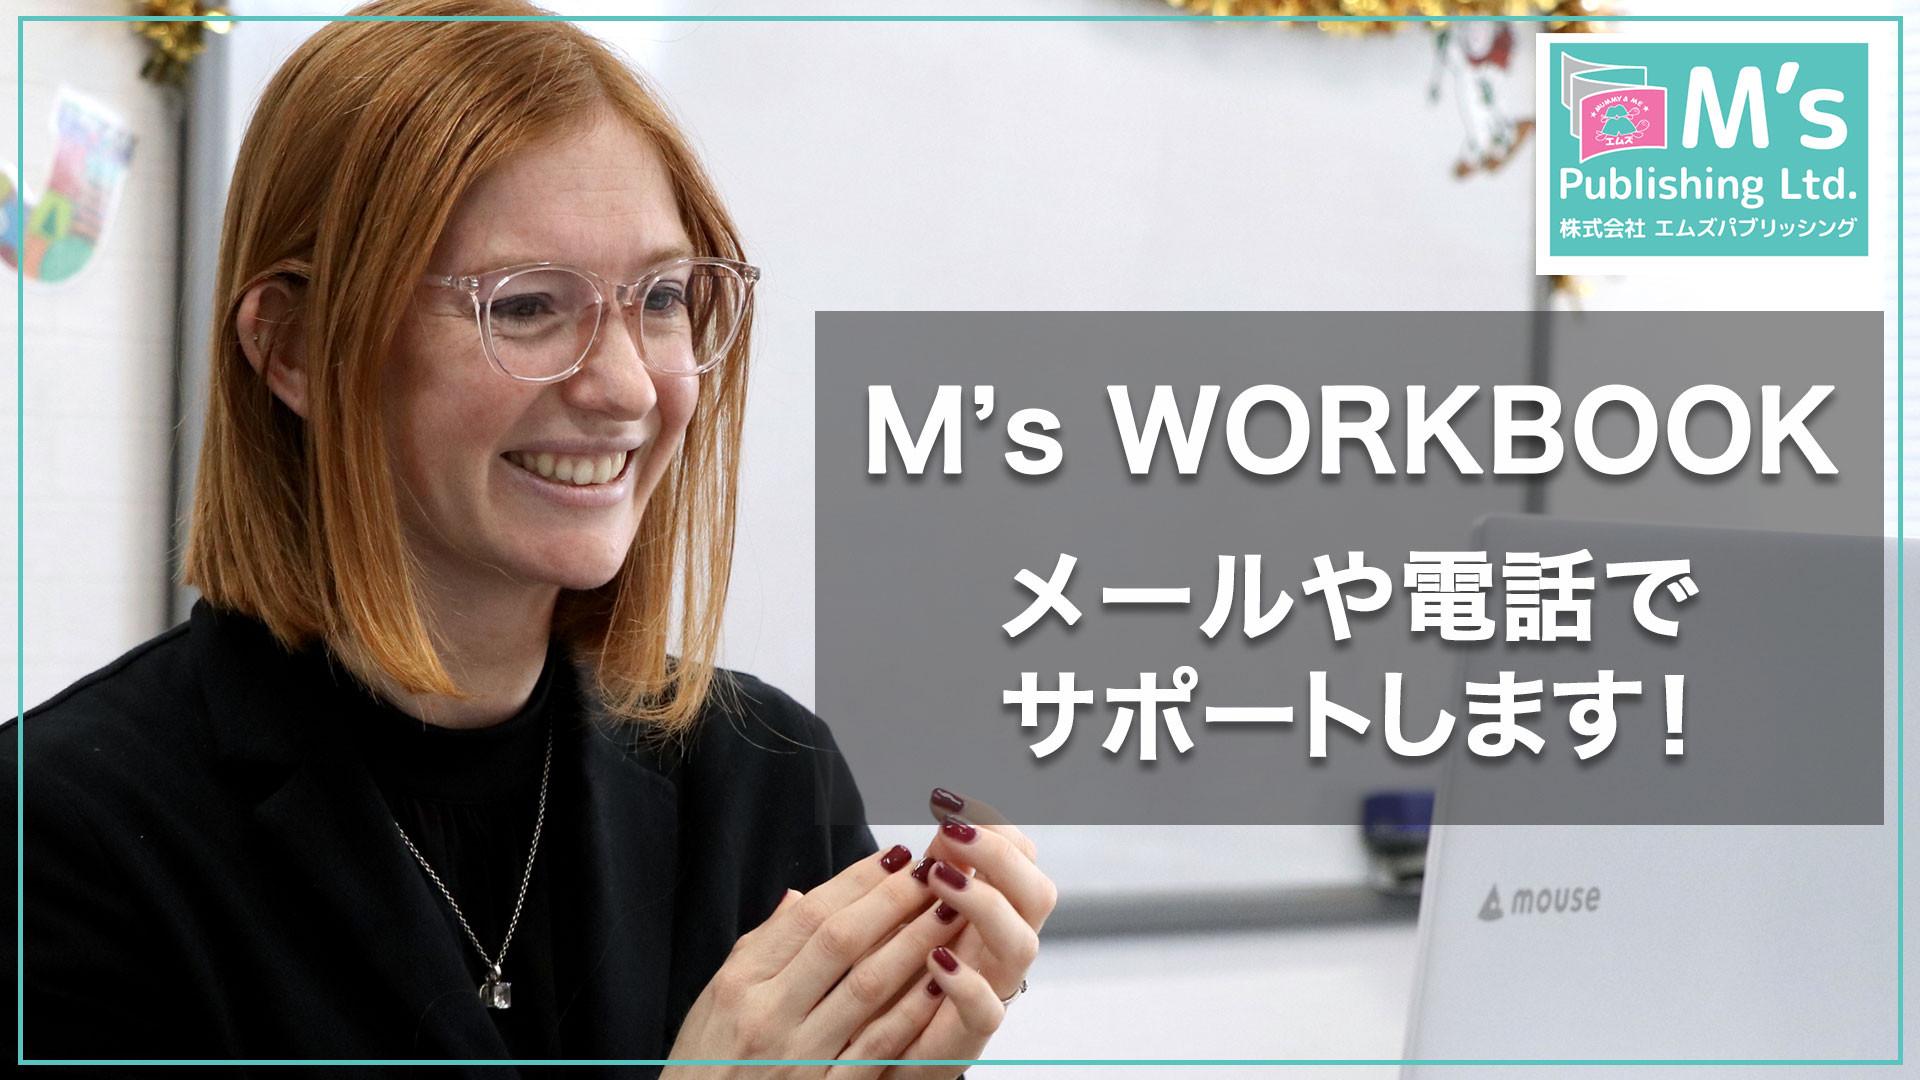 M's WORKBOOKの使用方法等、メールや電話でサポートします!